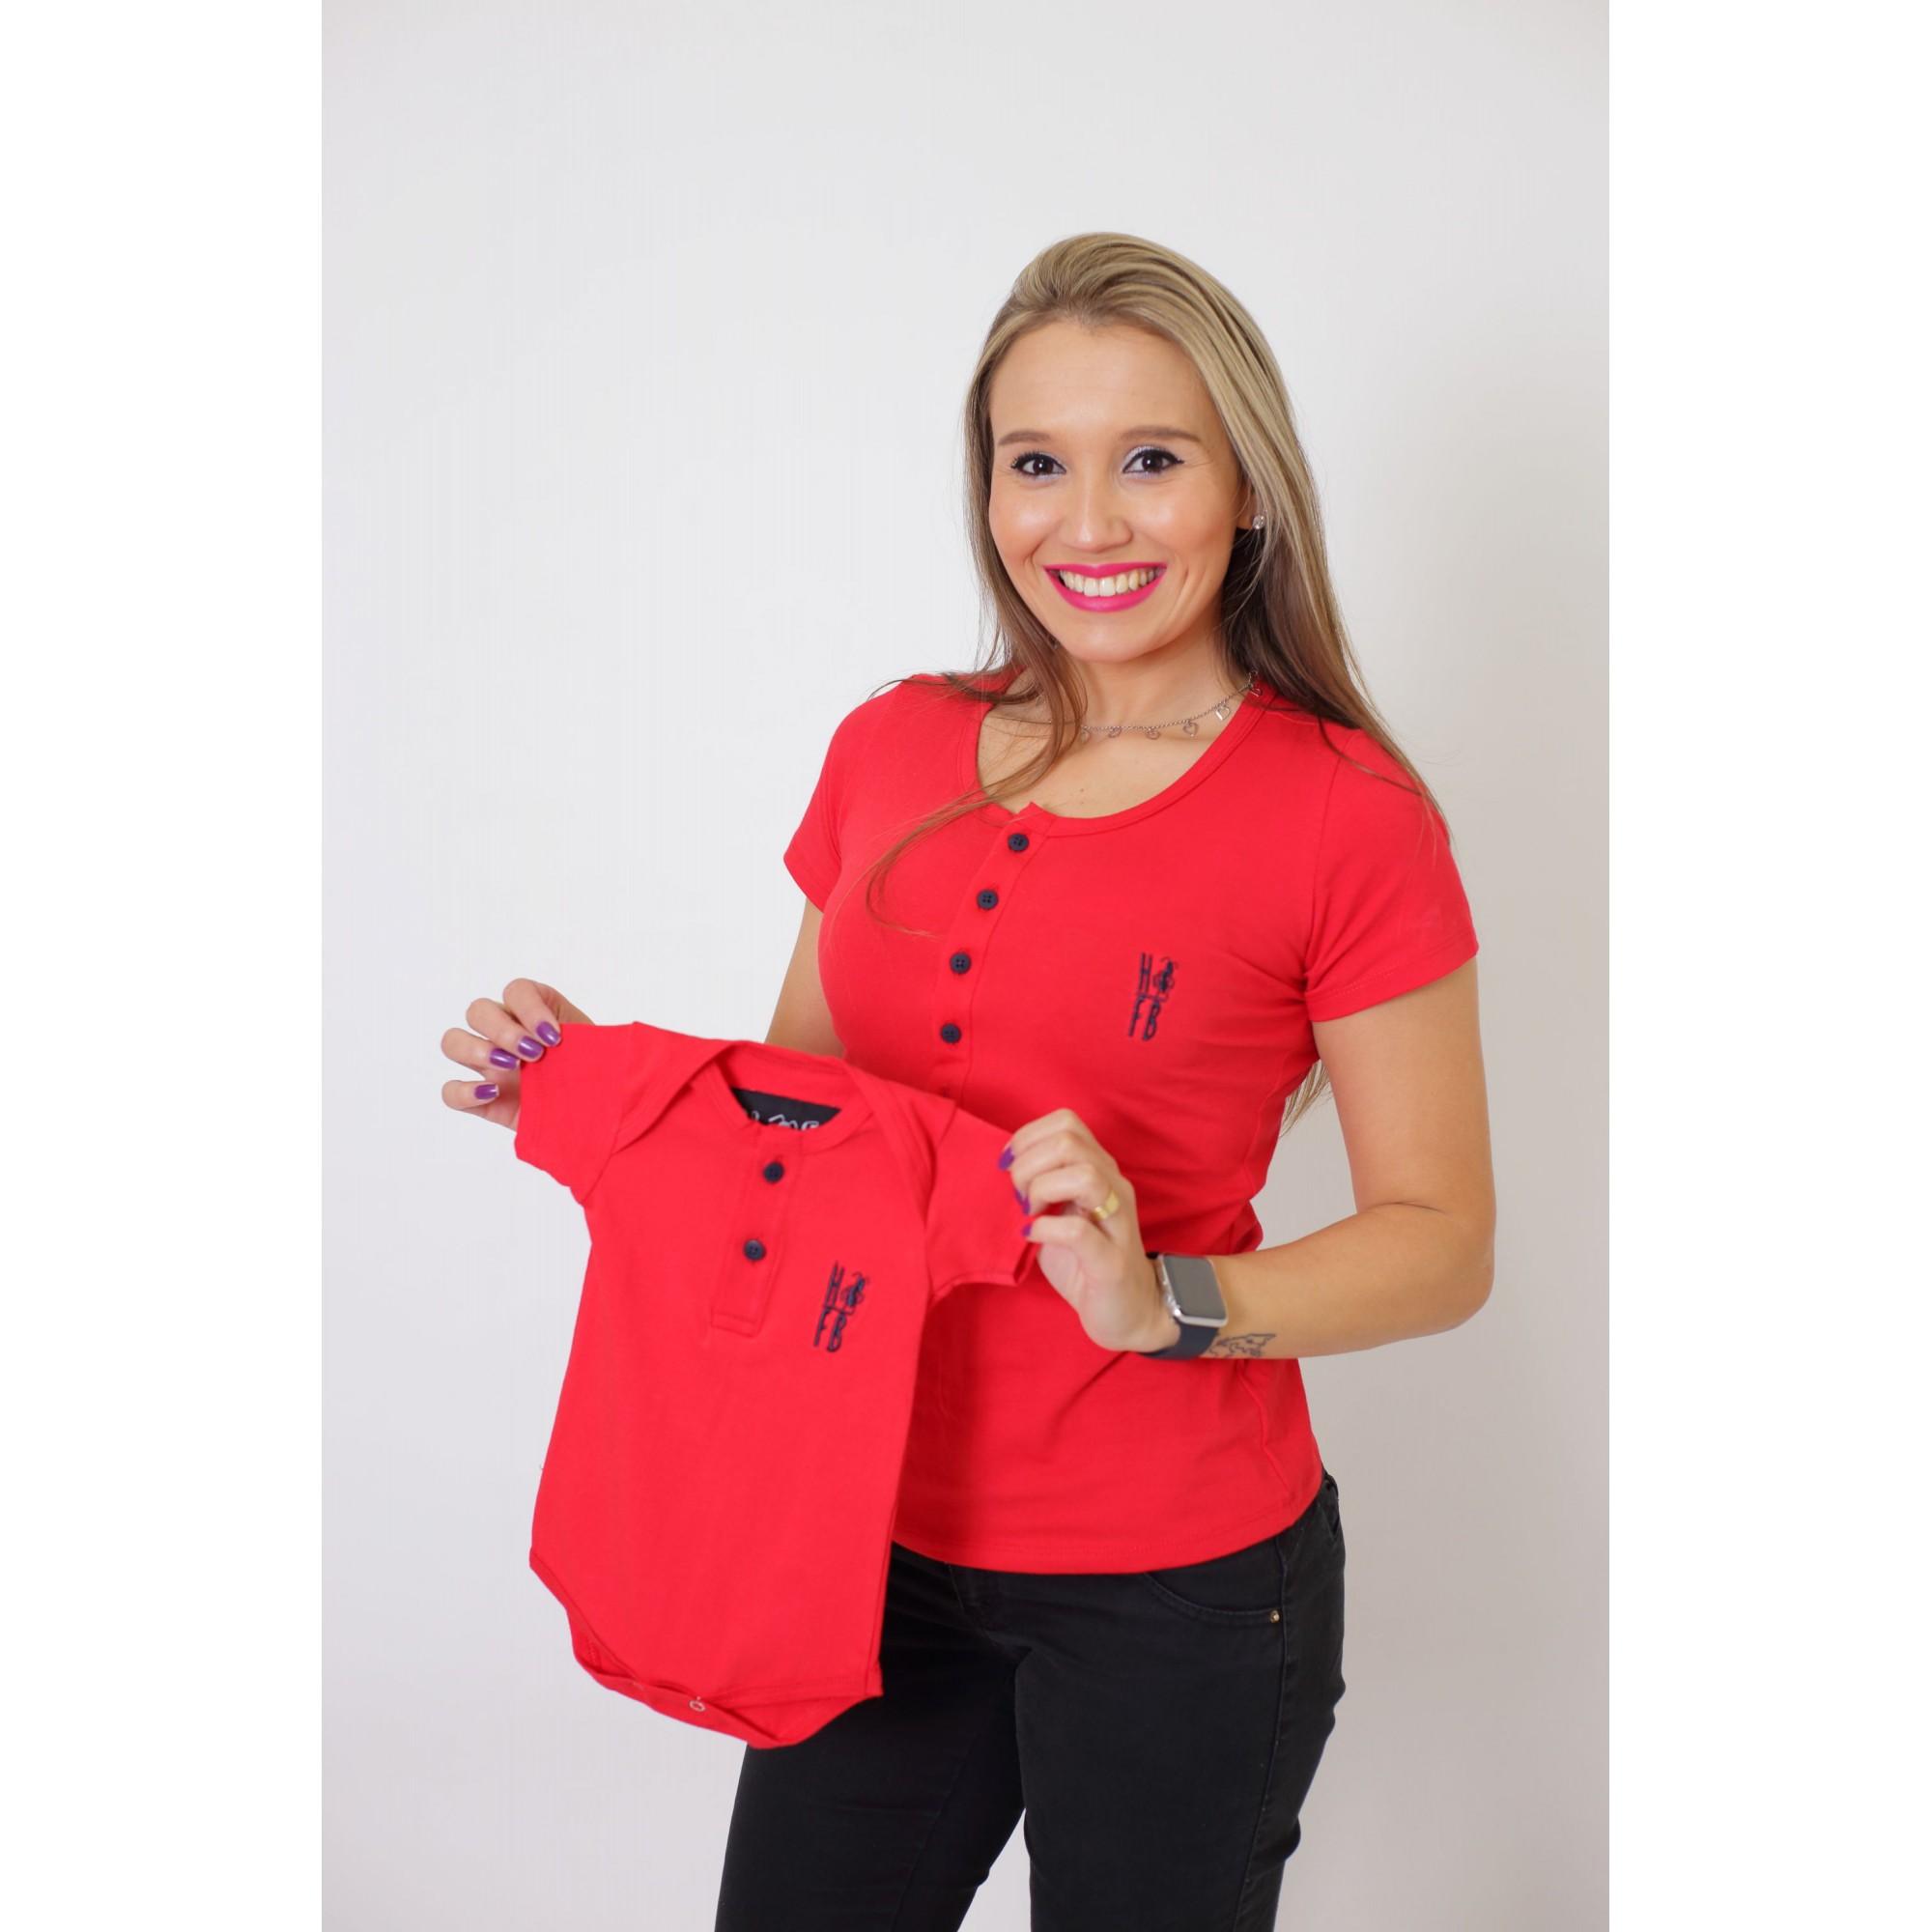 MÃE E FILHOS > Kit 02 Peças - T-Shirt + Body Henley Unissex - Vermelho [Coleção Tal Mãe Tal Filhos]